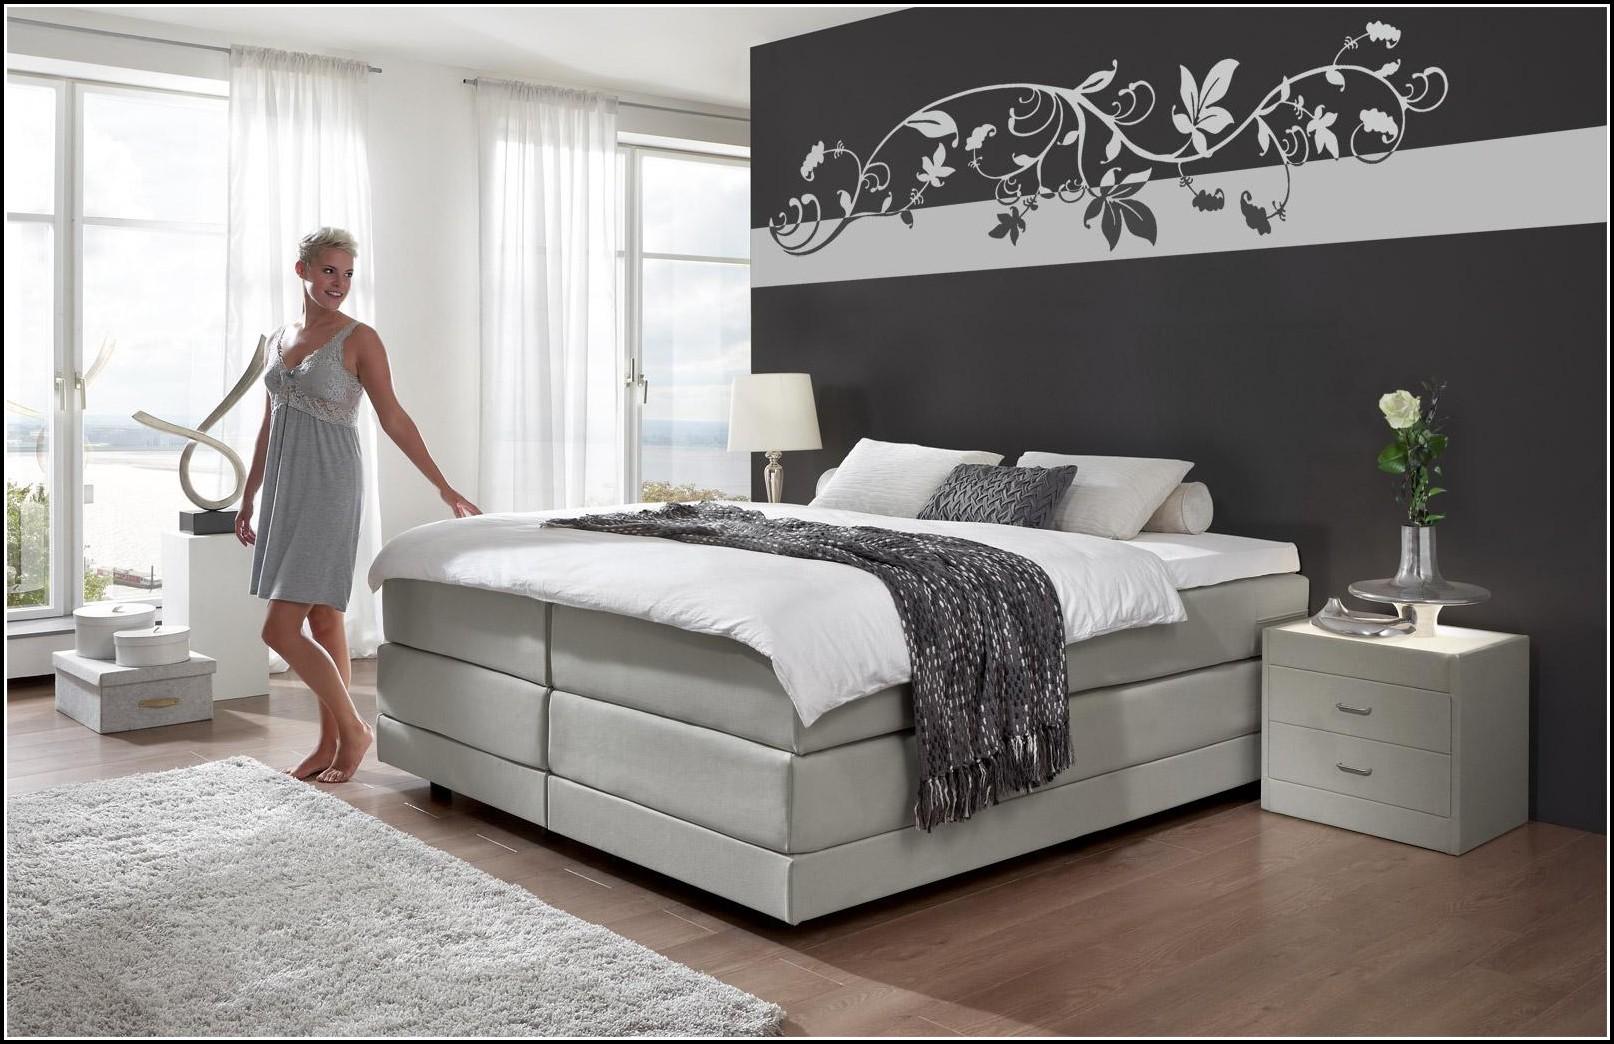 Farben Schlafzimmer Wände | Schlafzimmer Wände Und Eine Gute Farbe ...